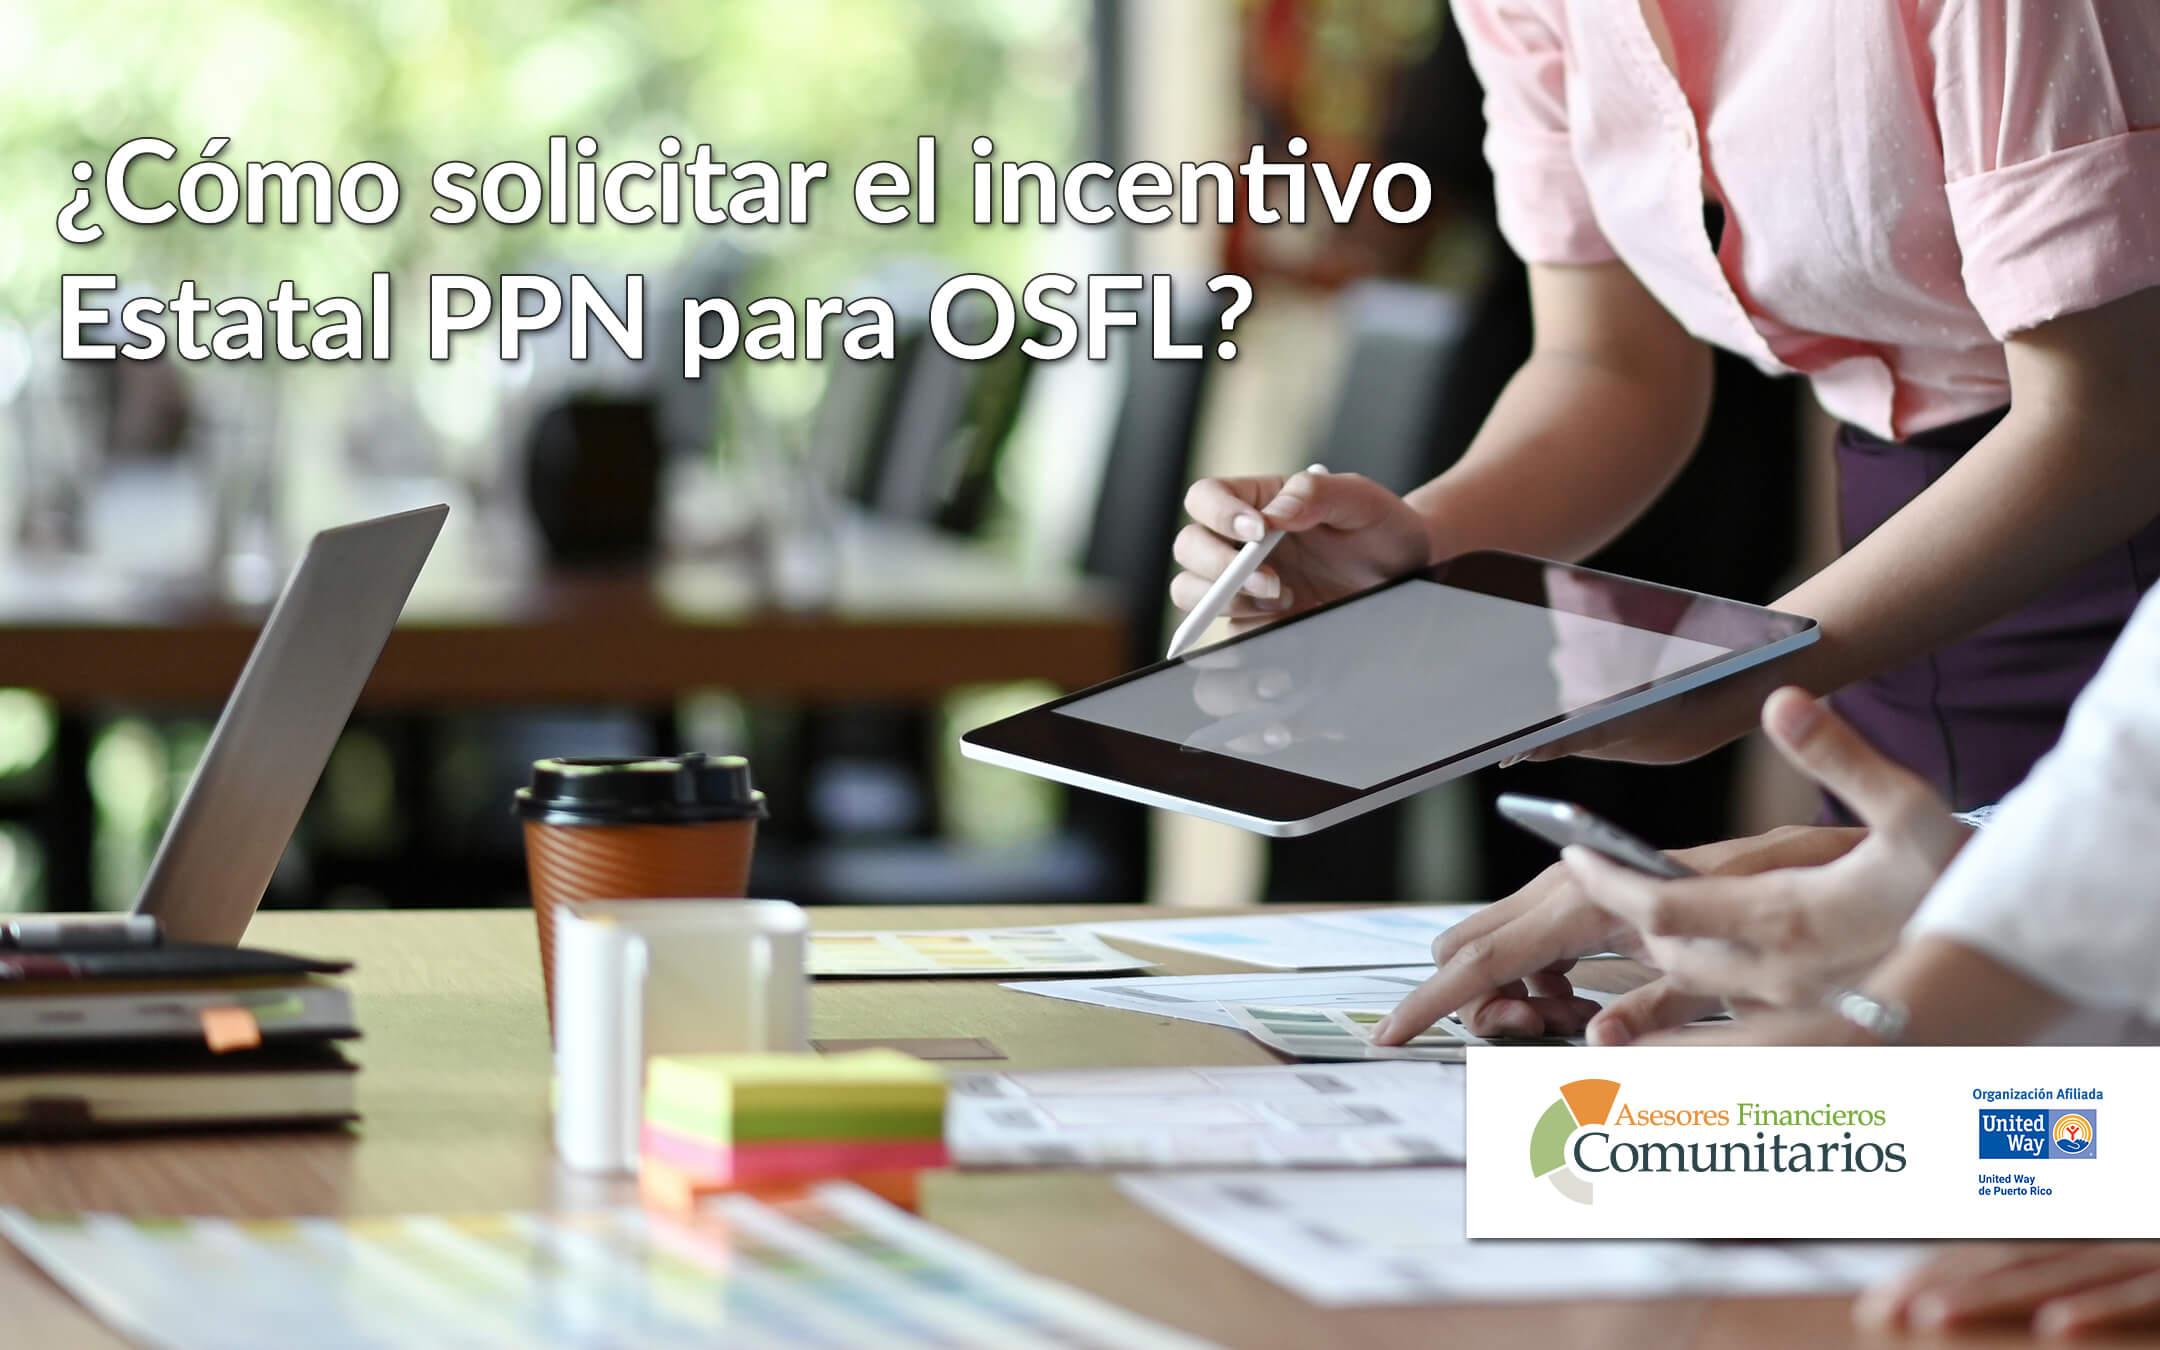 ¿Cómo solicitar el incentivo Estatal PPN para OSFL?